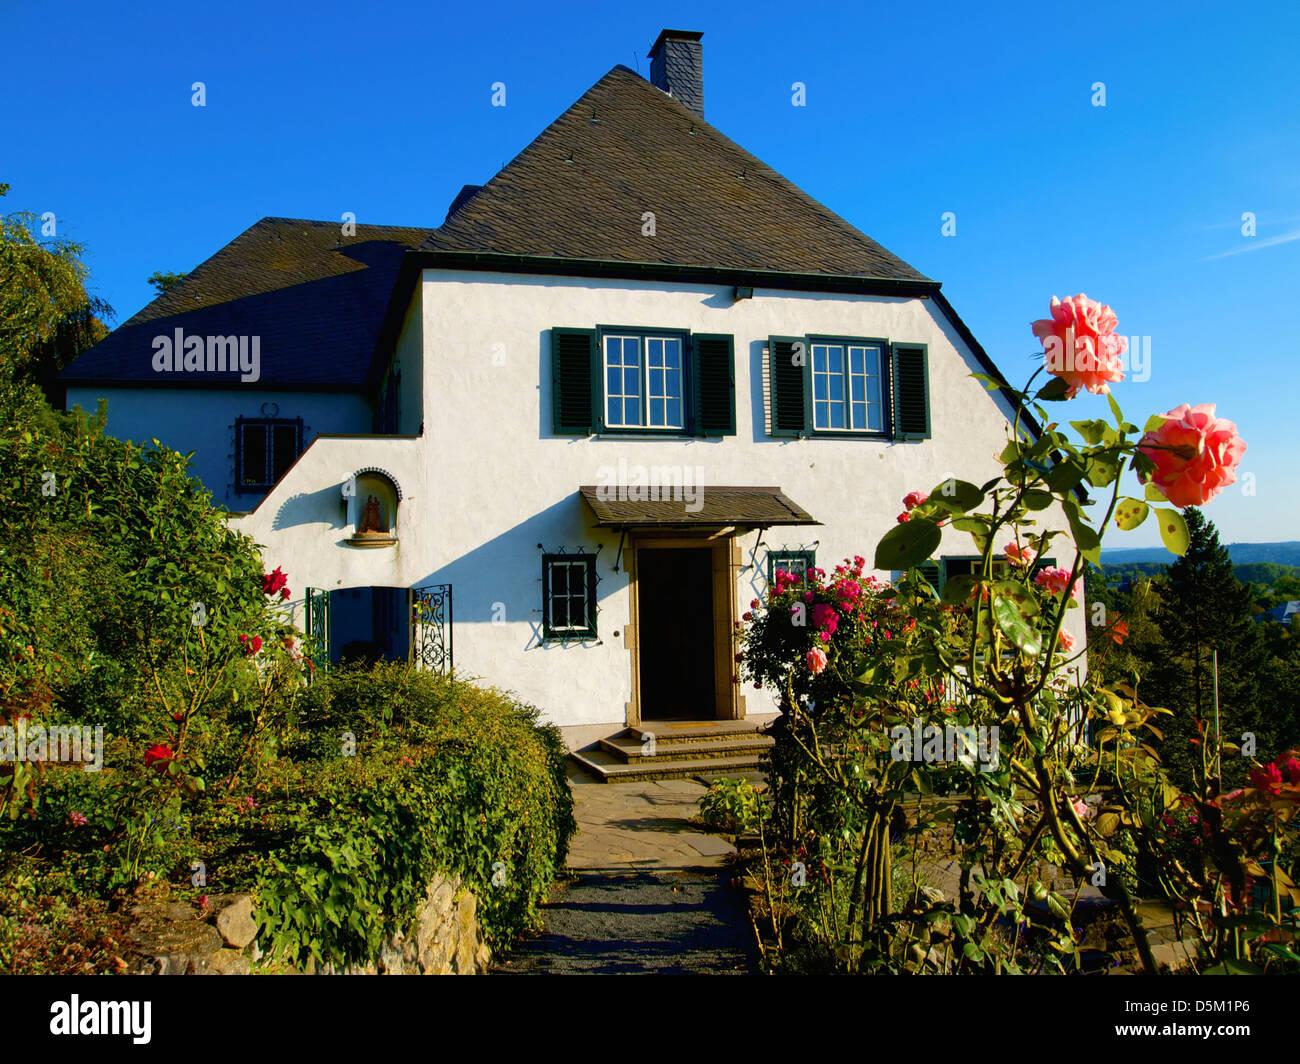 adenauer house, bad honnef-rhöndorf, rhein-sieg district, nordrhein-westfalen, germany Stock Photo